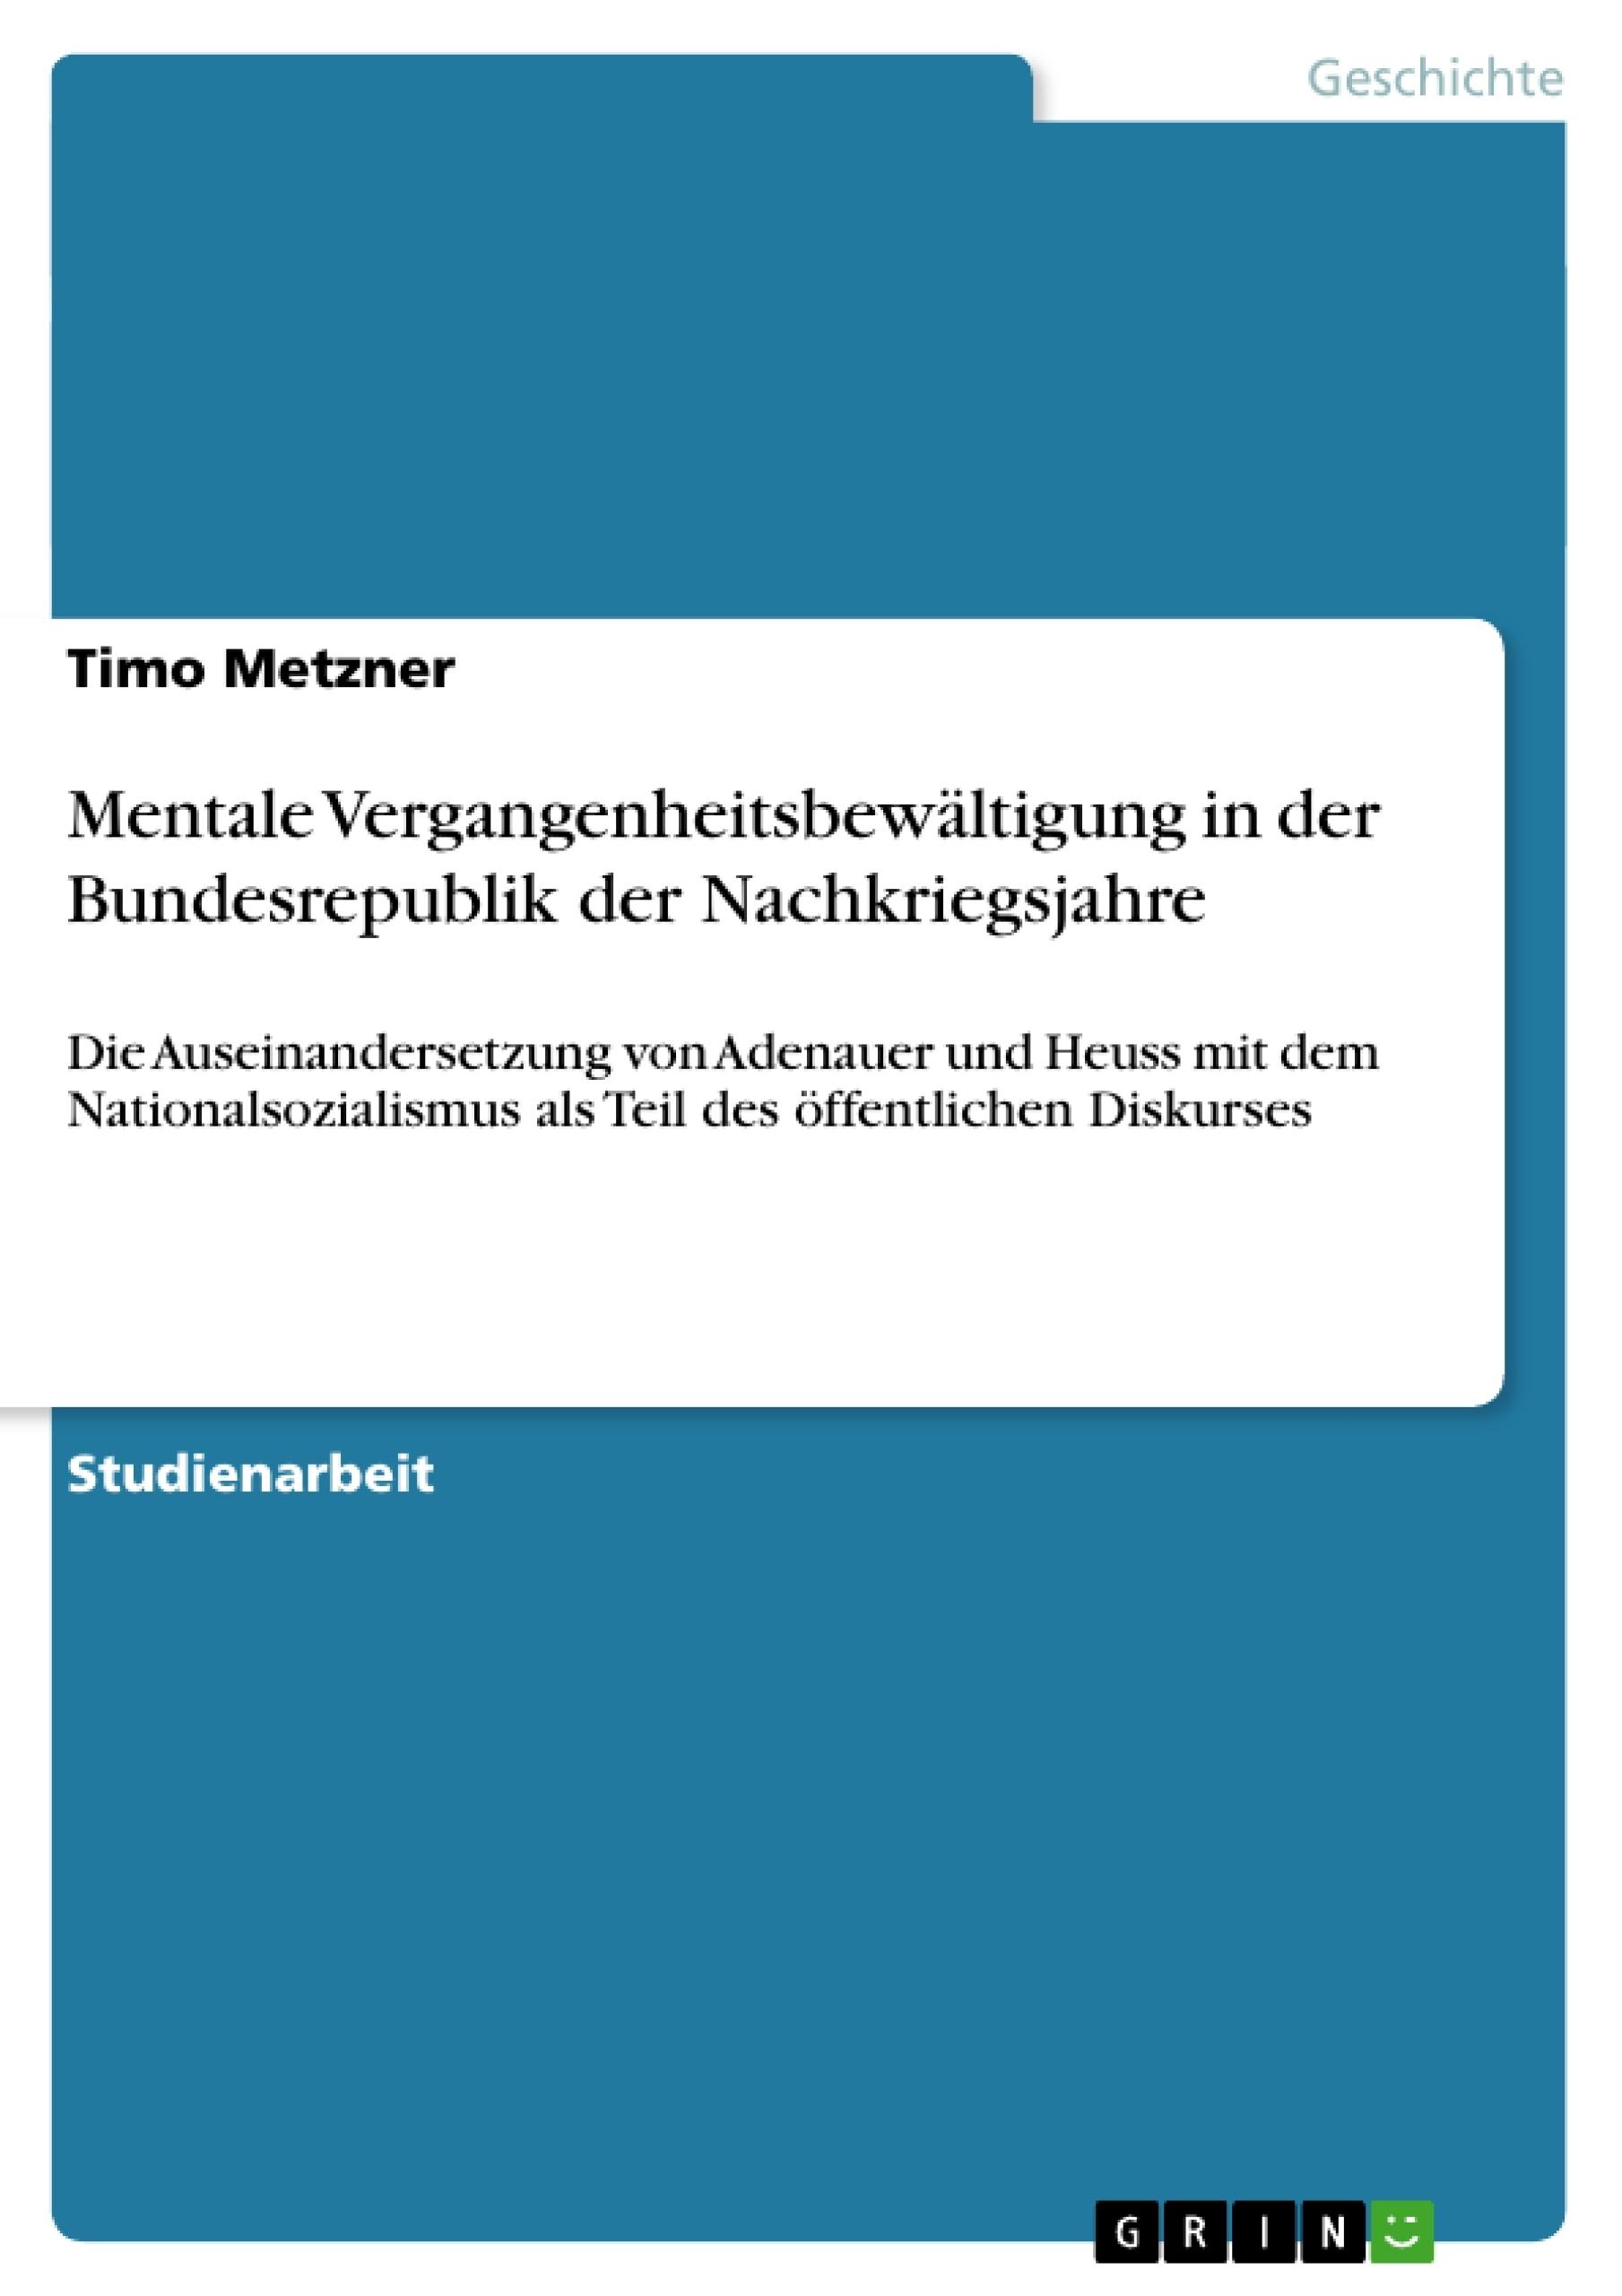 Titel: Mentale Vergangenheitsbewältigung in der Bundesrepublik der Nachkriegsjahre